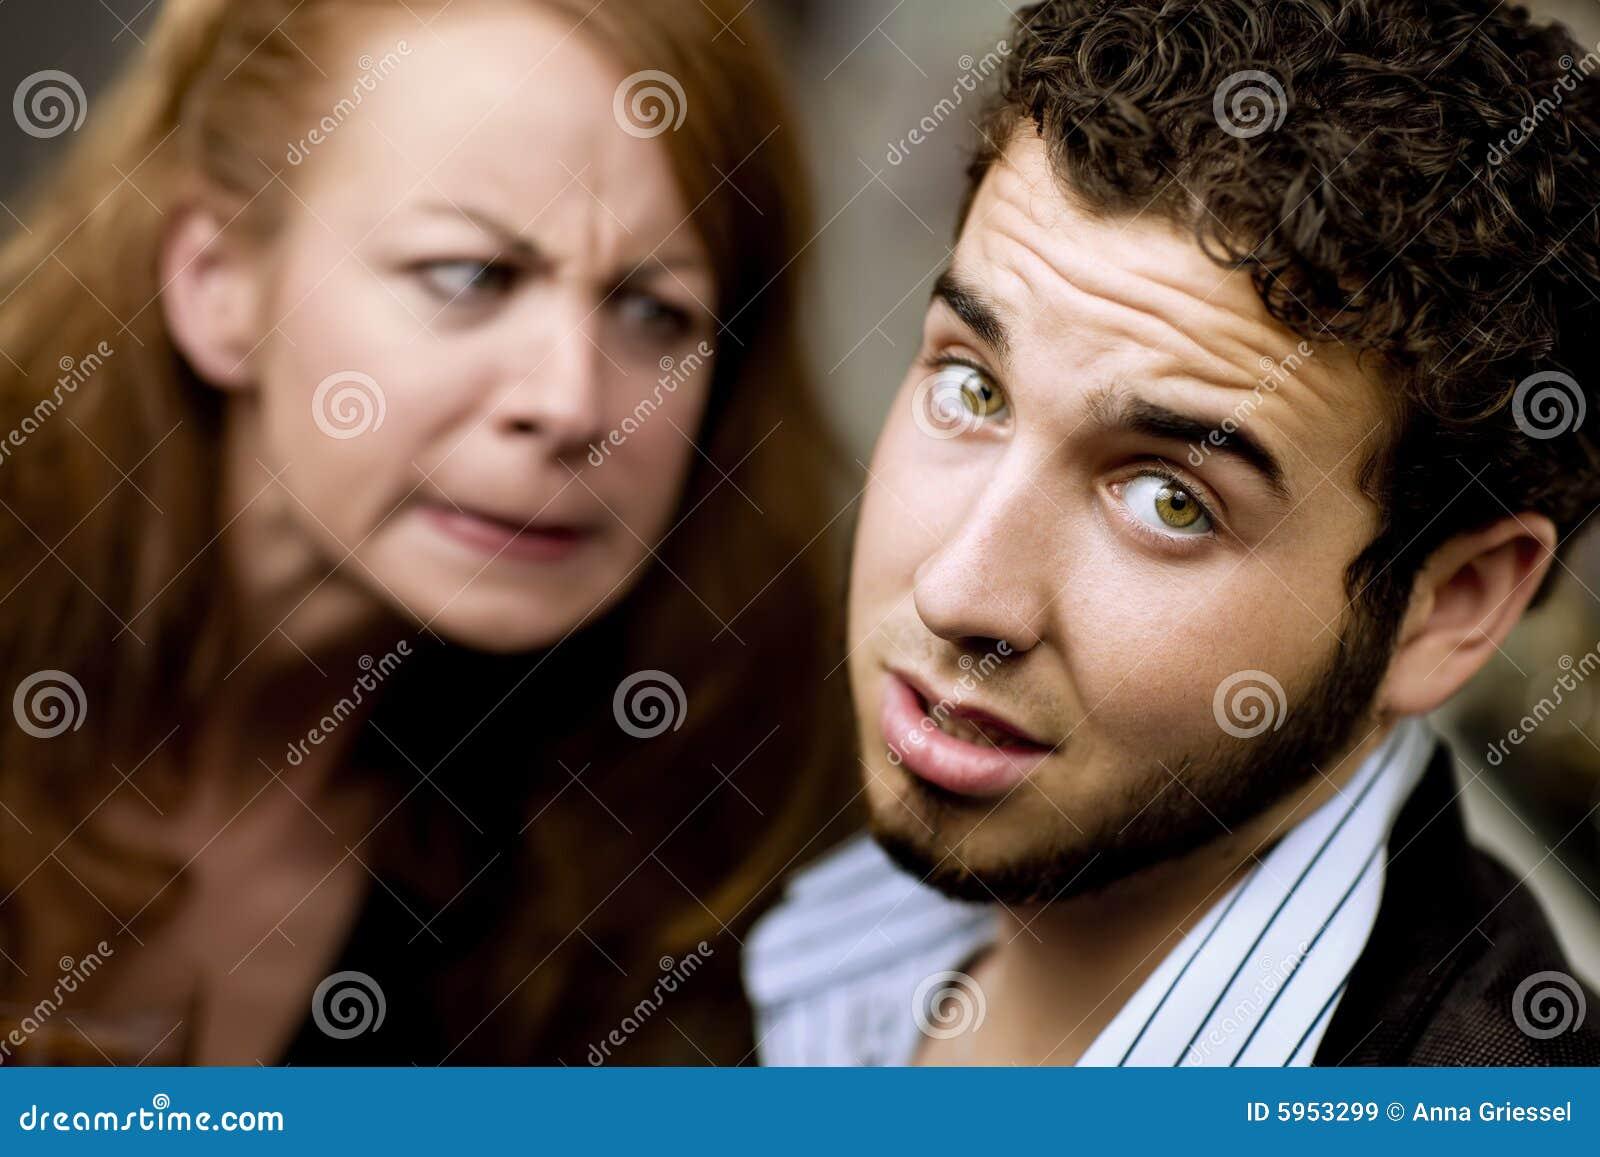 angry woman at man - photo #36